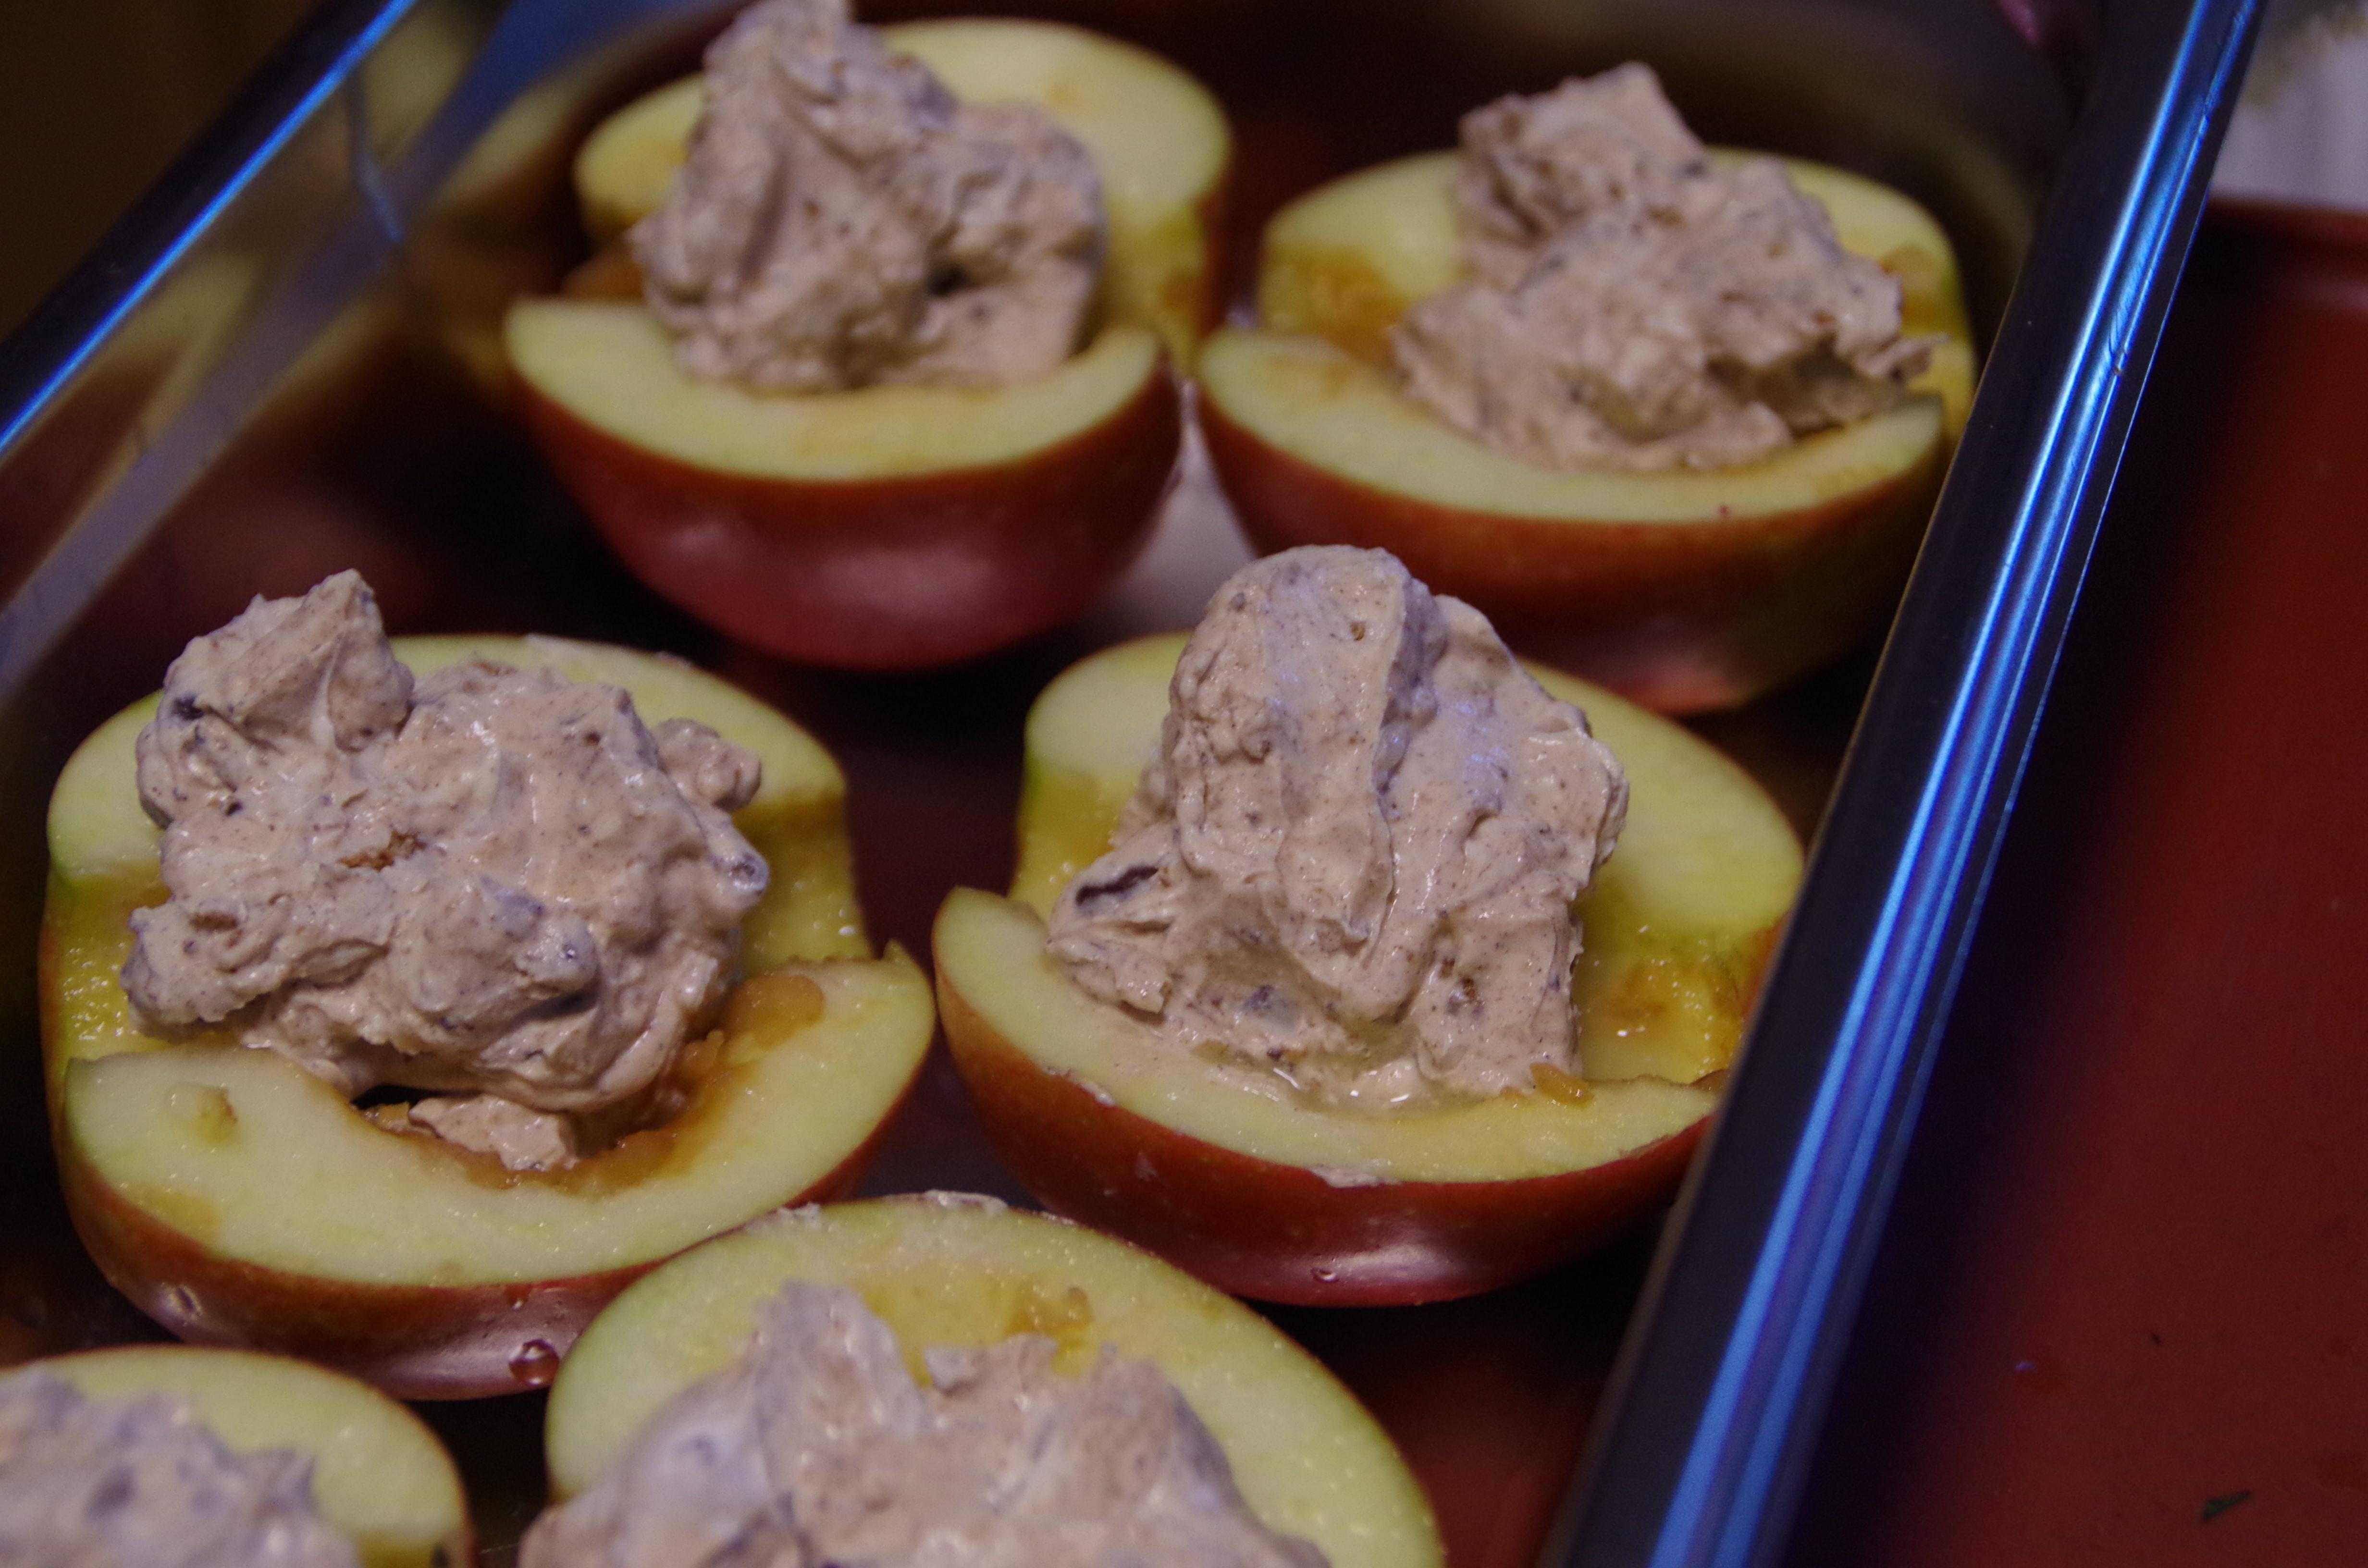 gefüllte-Apfelhälften-03